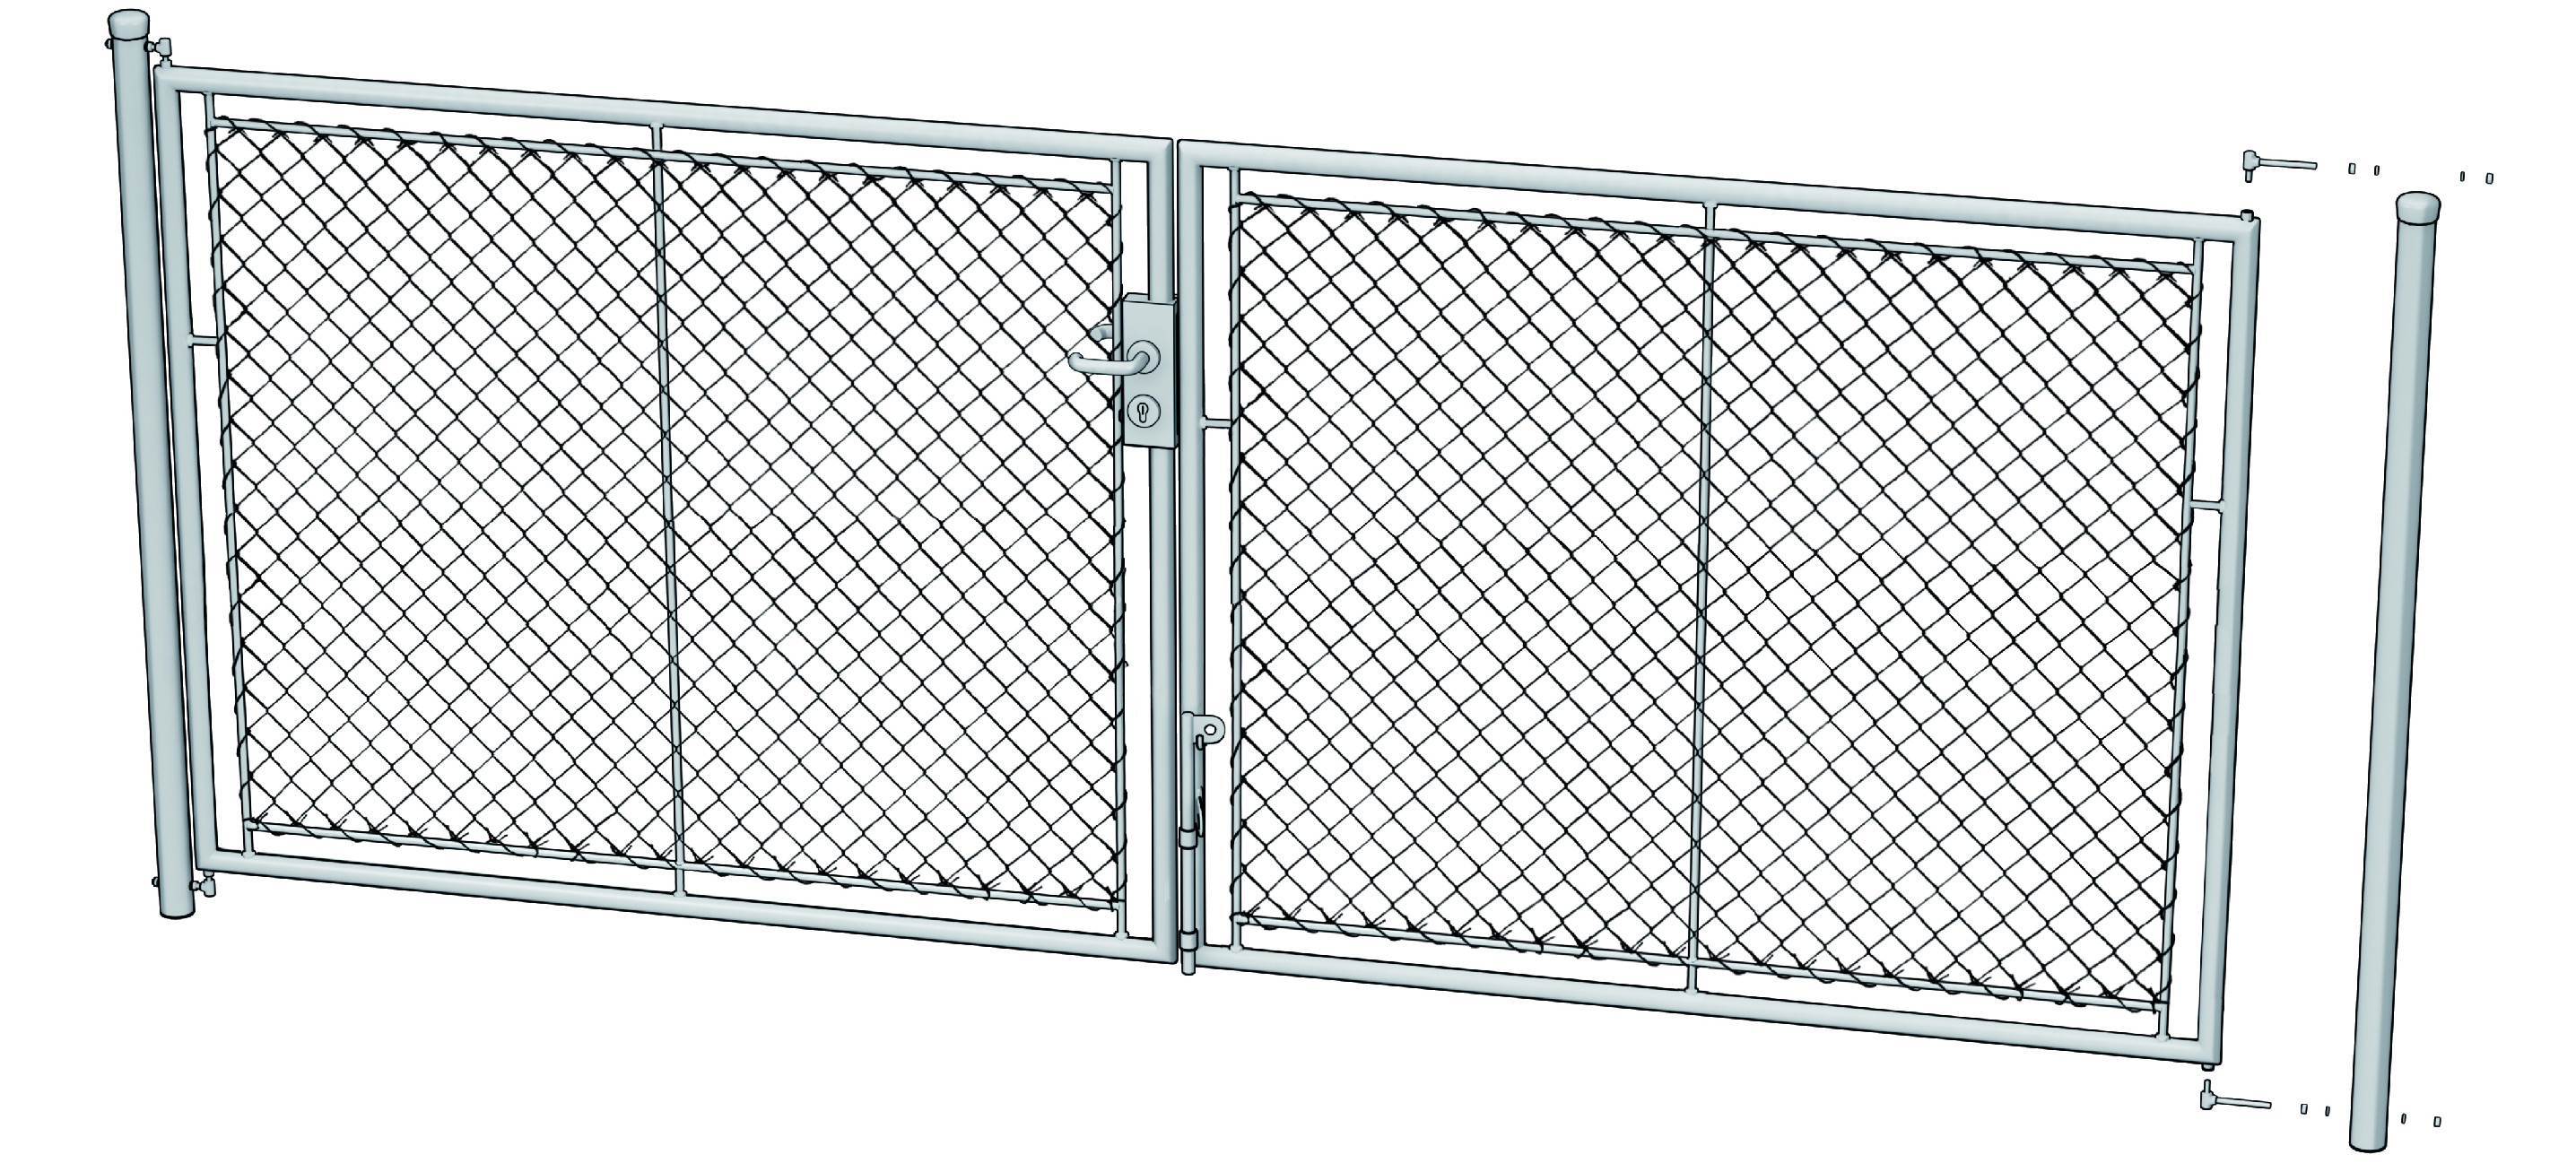 Zahradní brána celovýplet šířka 3600 mm x výška 2000mm s přípravou na FAB vč. sloupků Výška v mm:: 1000